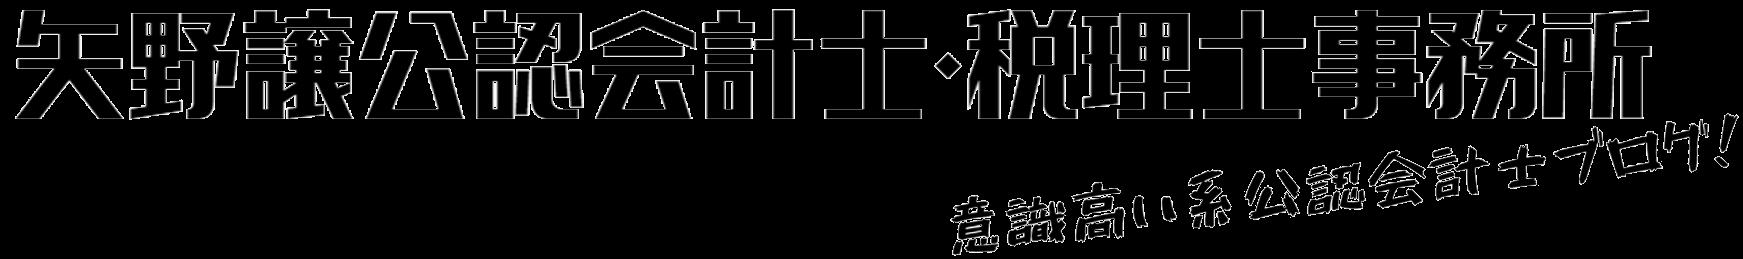 矢野譲公認会計士・税理士事務所 意識高い系公認会計士ブログ!